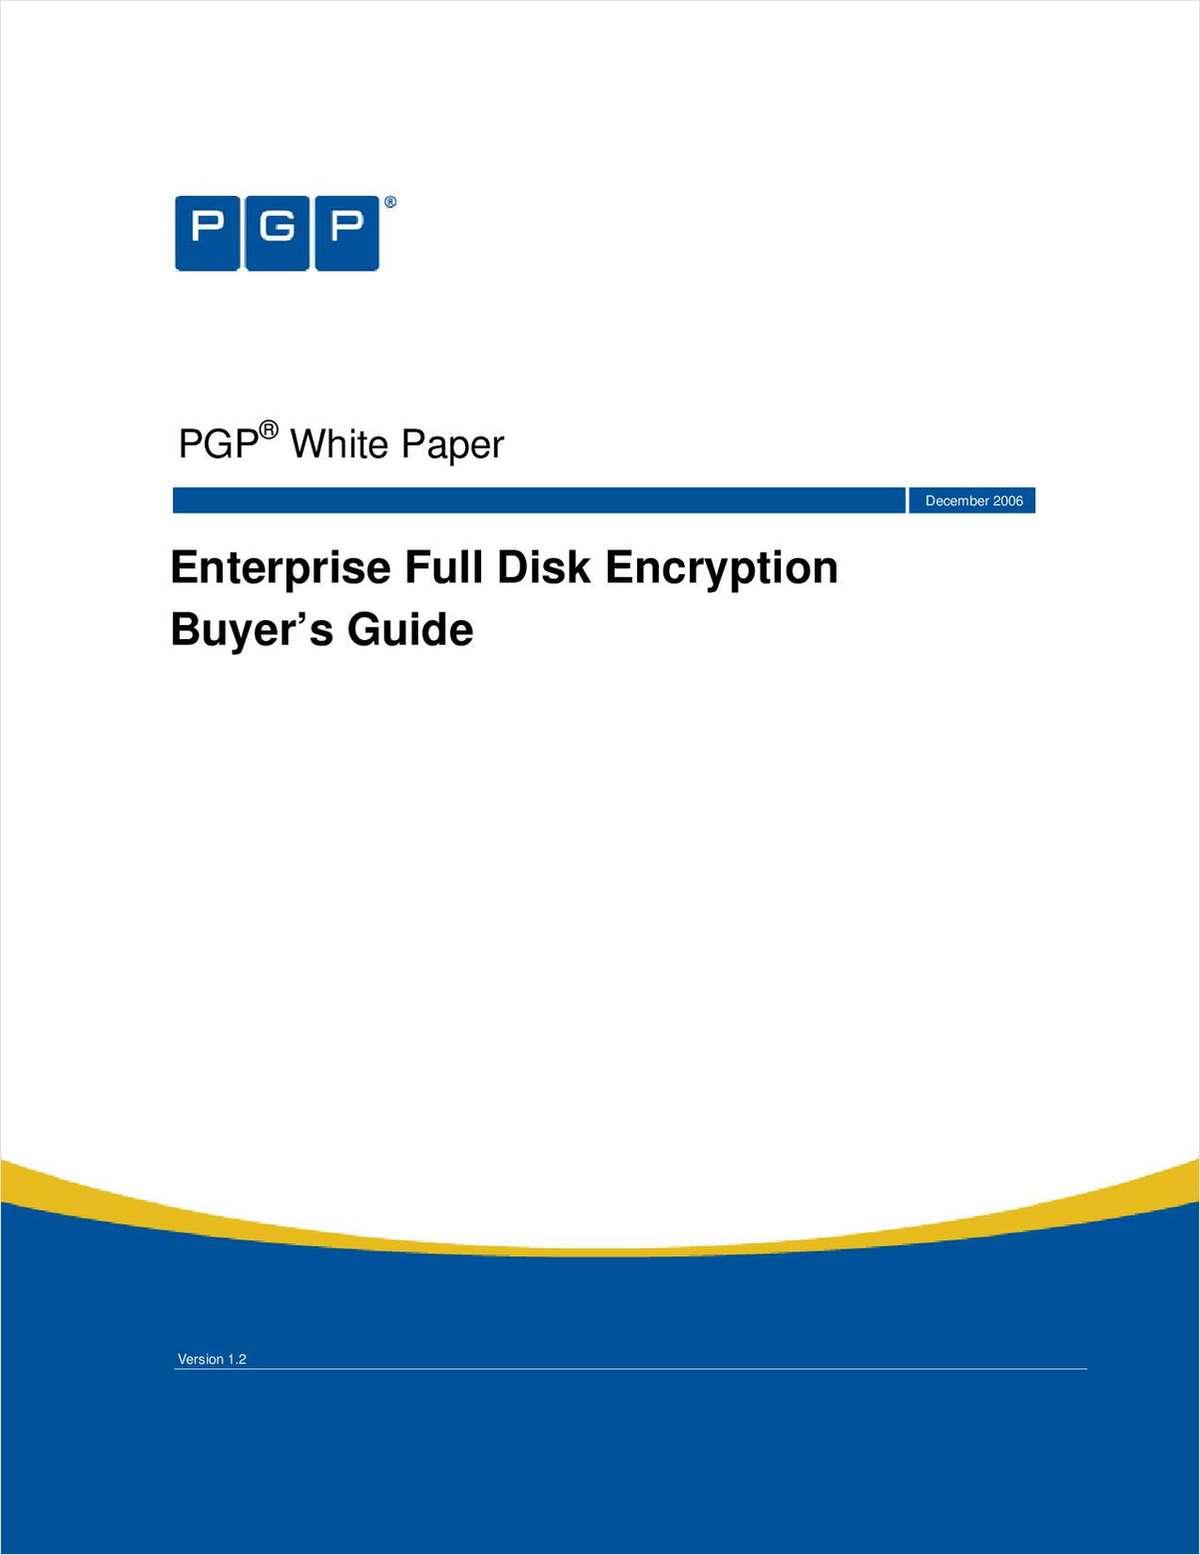 Enterprise Full Disk Encryption Buyer's Guide